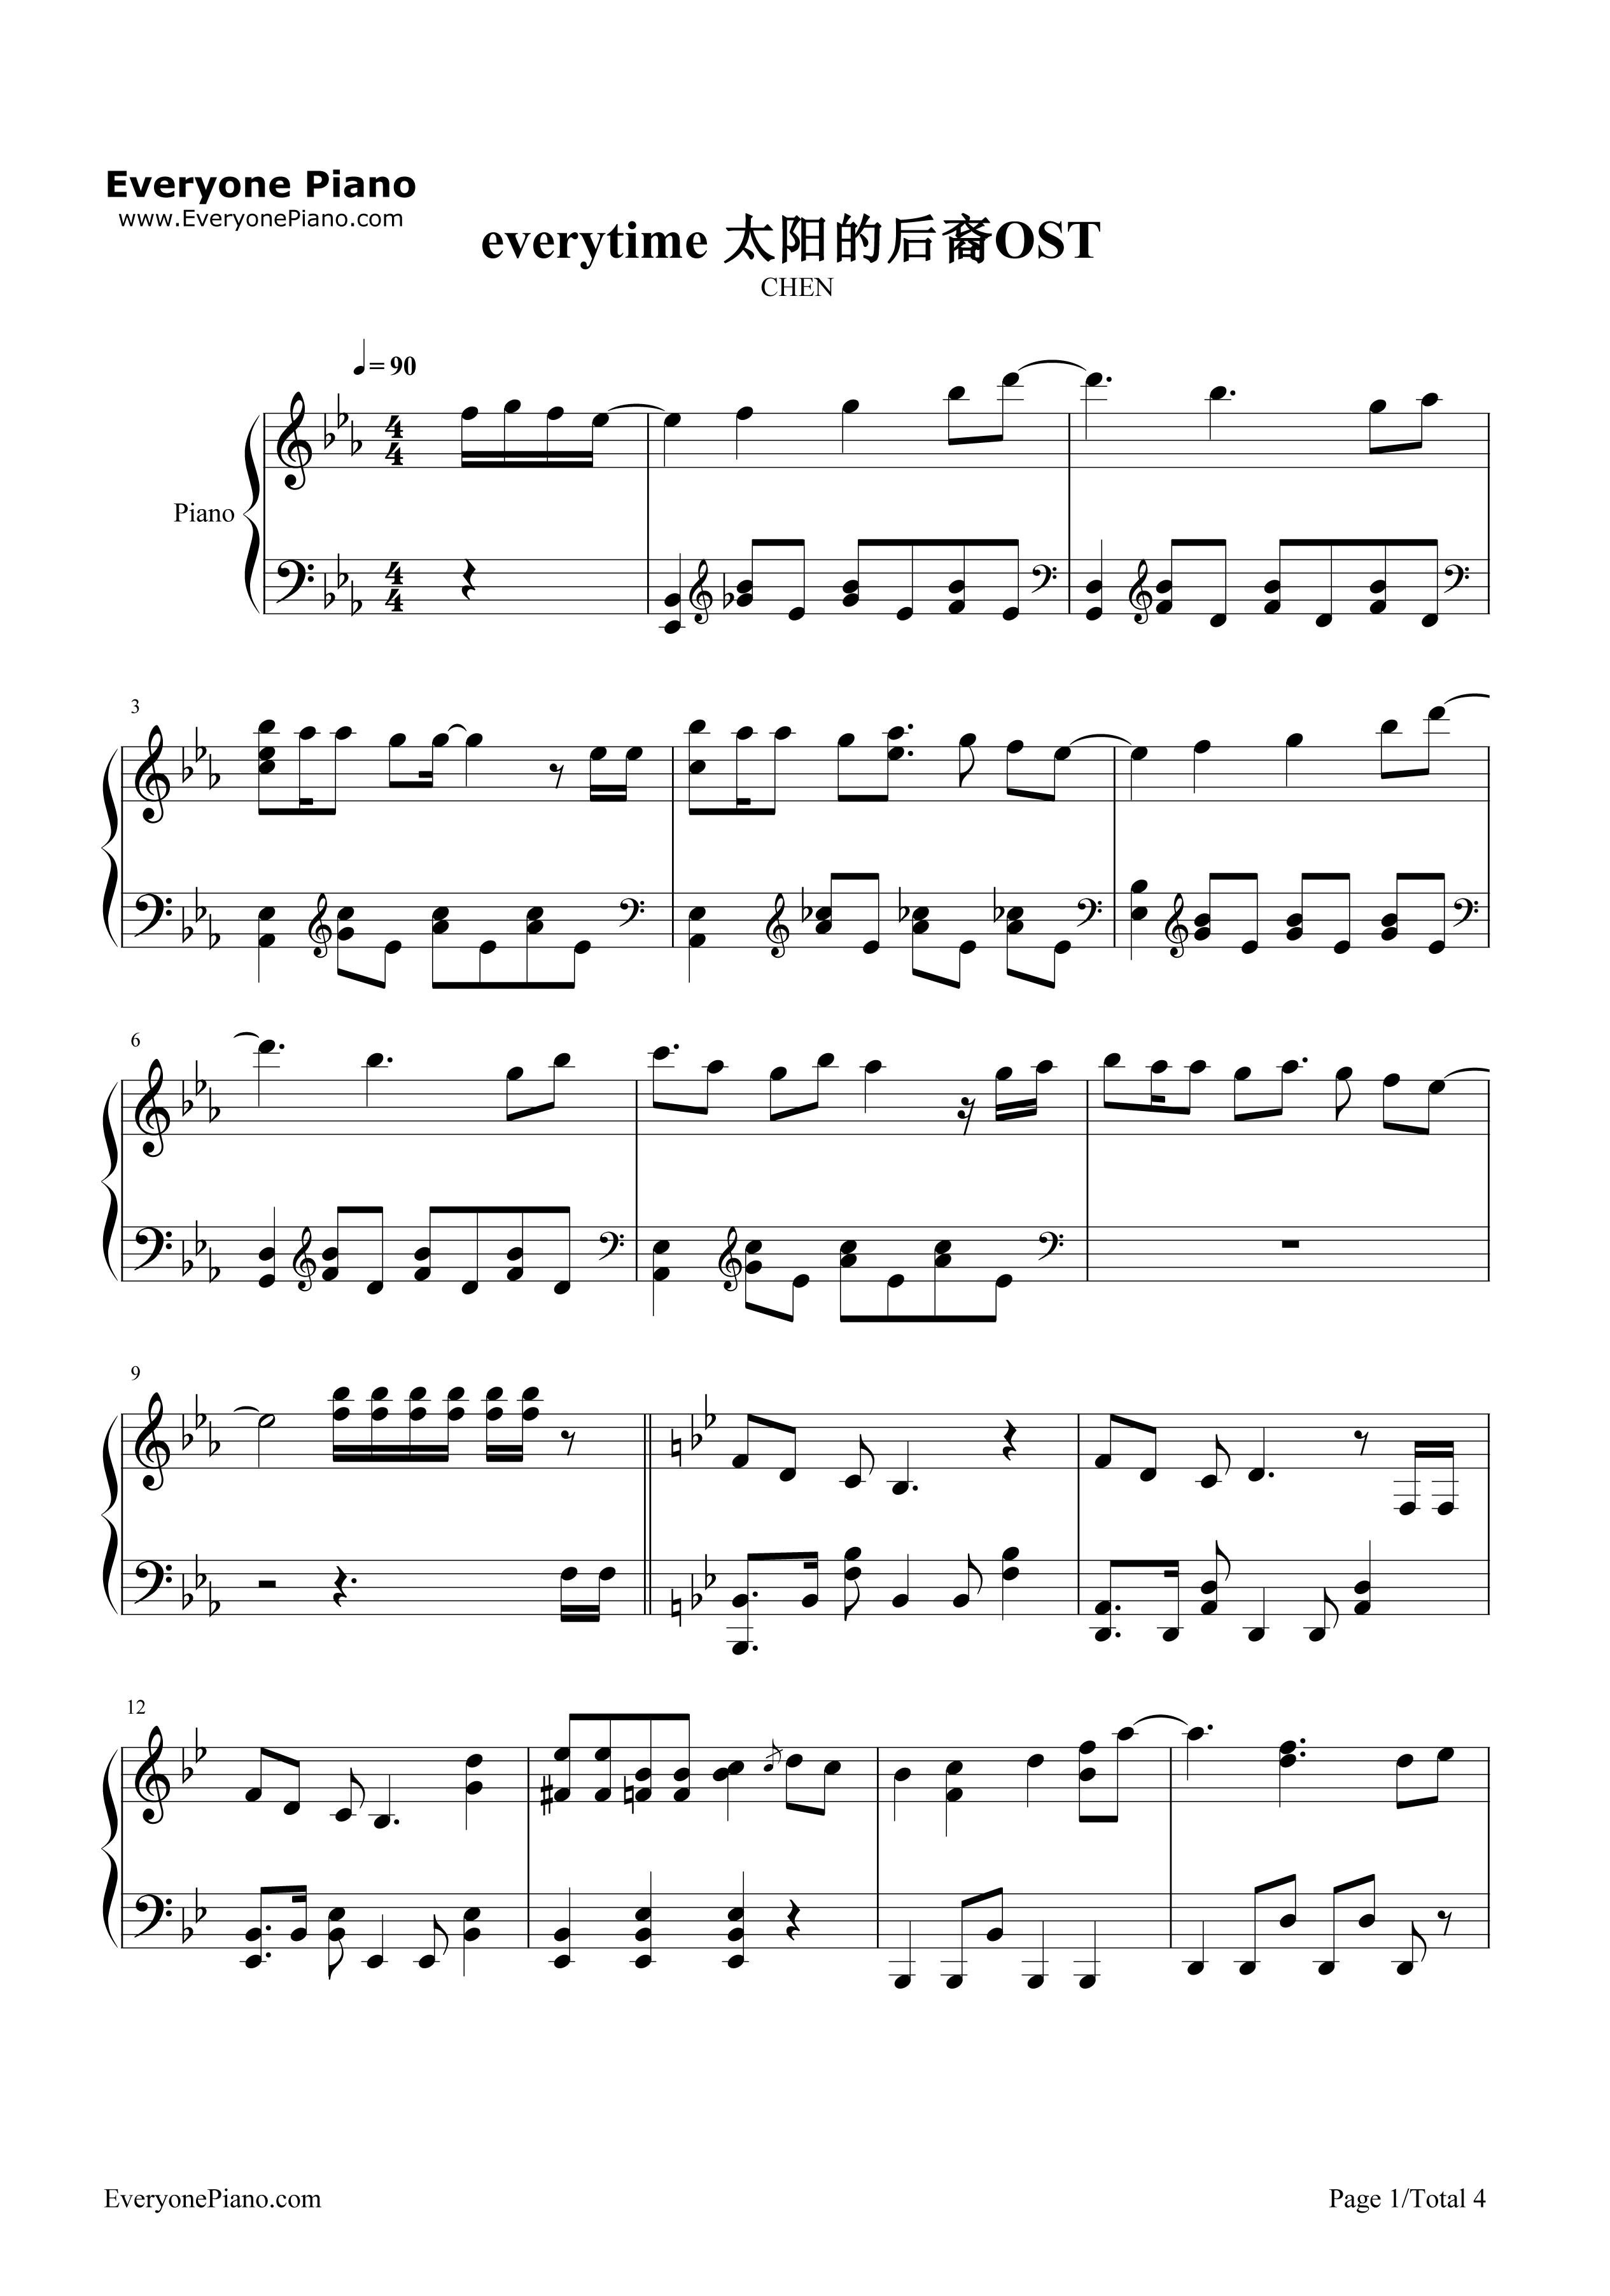 钢琴谱 time every